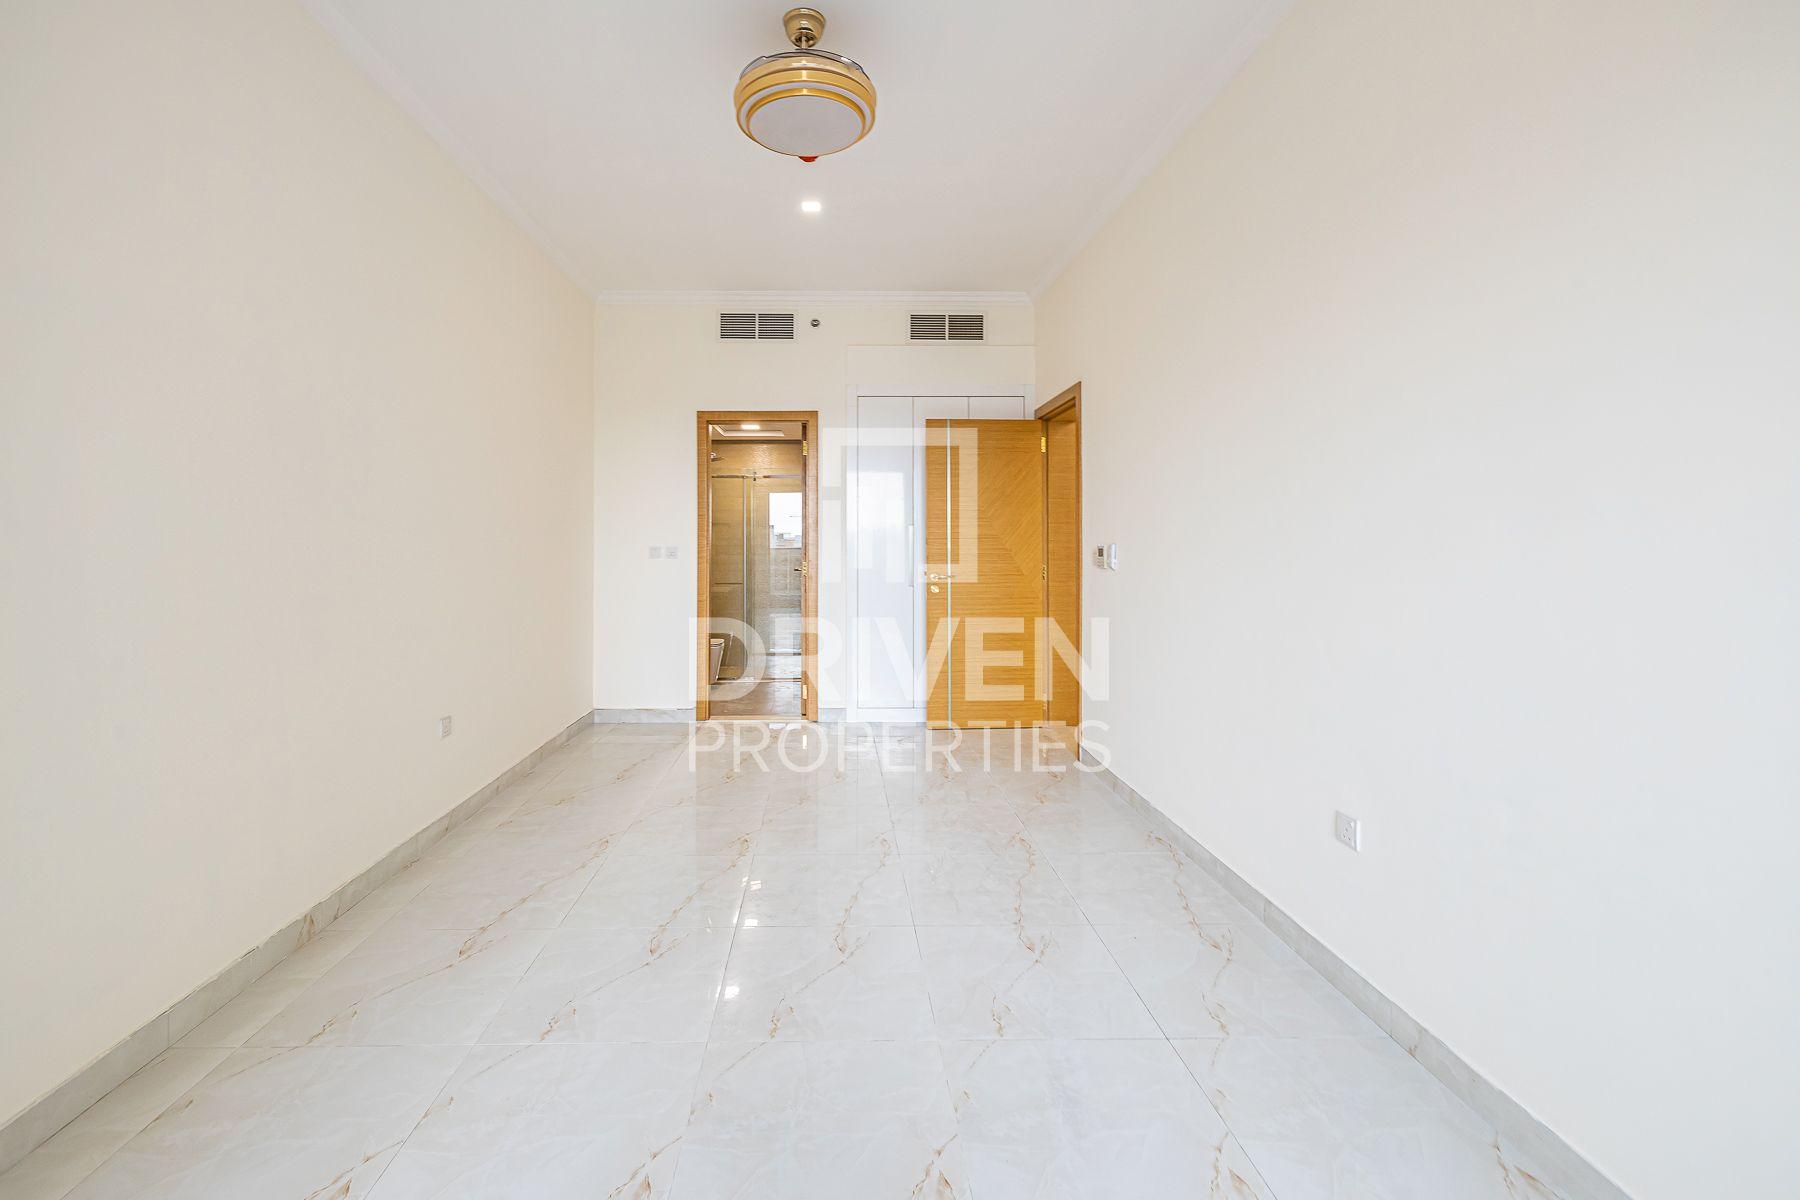 للايجار - شقة - دار الجوهرة - قرية الجميرا سركل